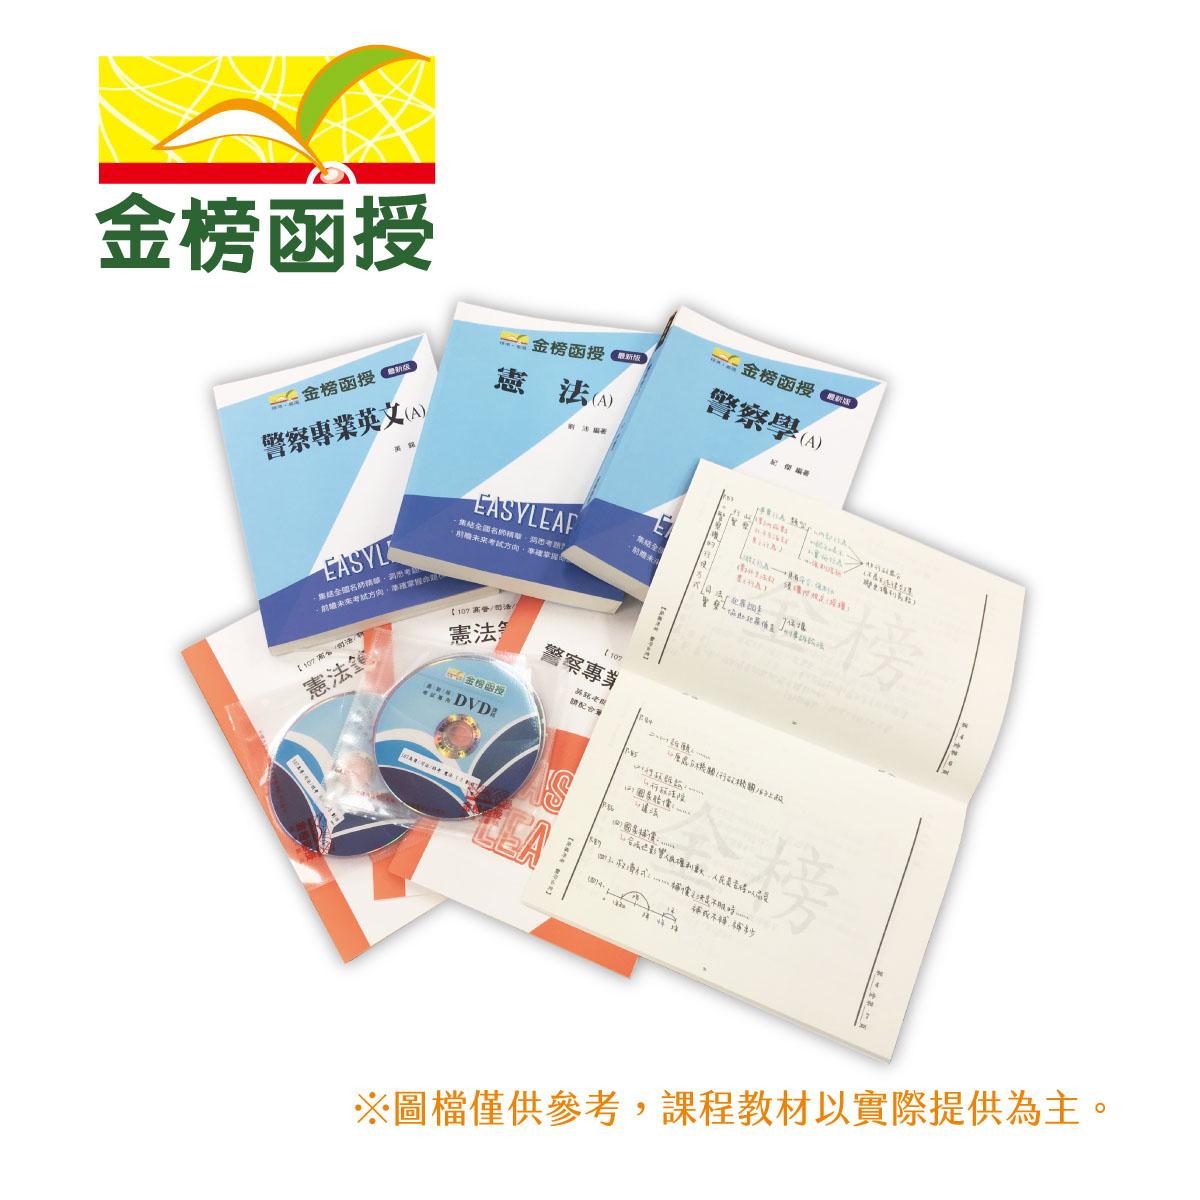 107金榜函授/地方特考/四等/全套/文化行政/MP3